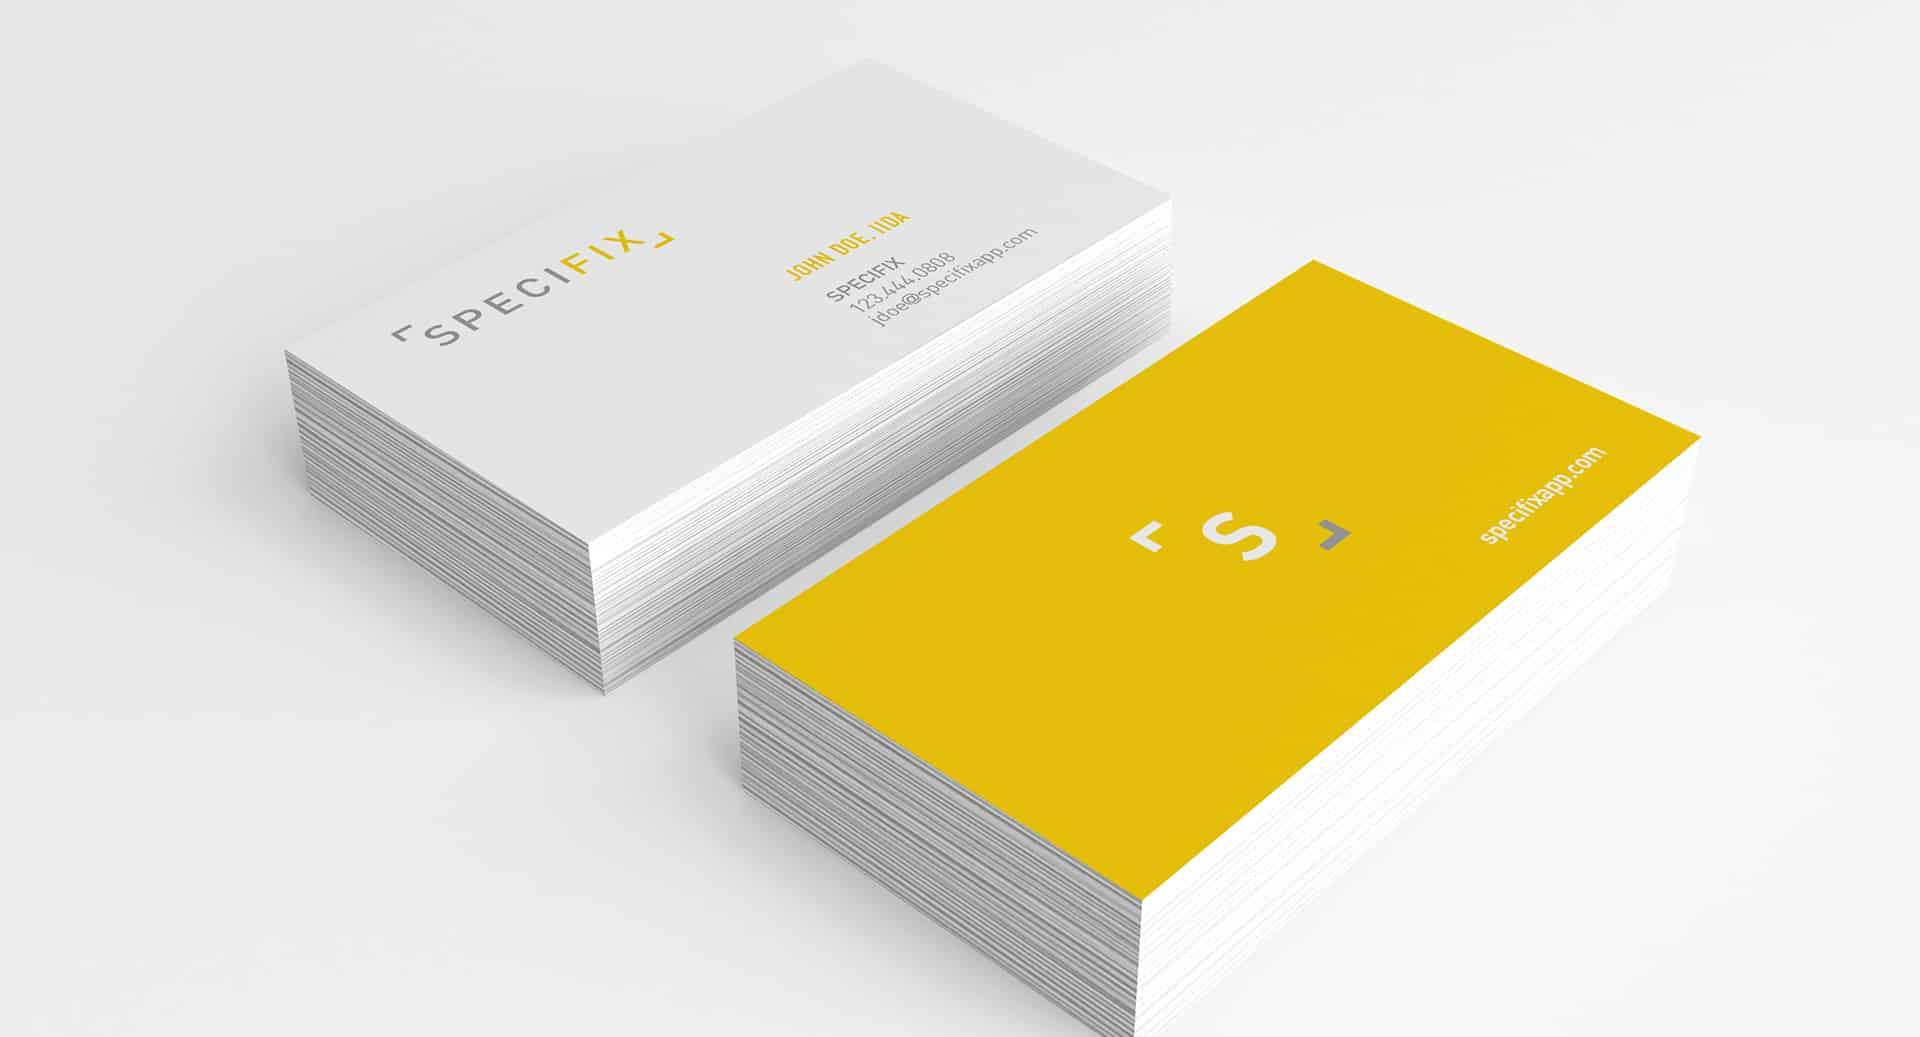 specifix-businesscards-halfwidth-3